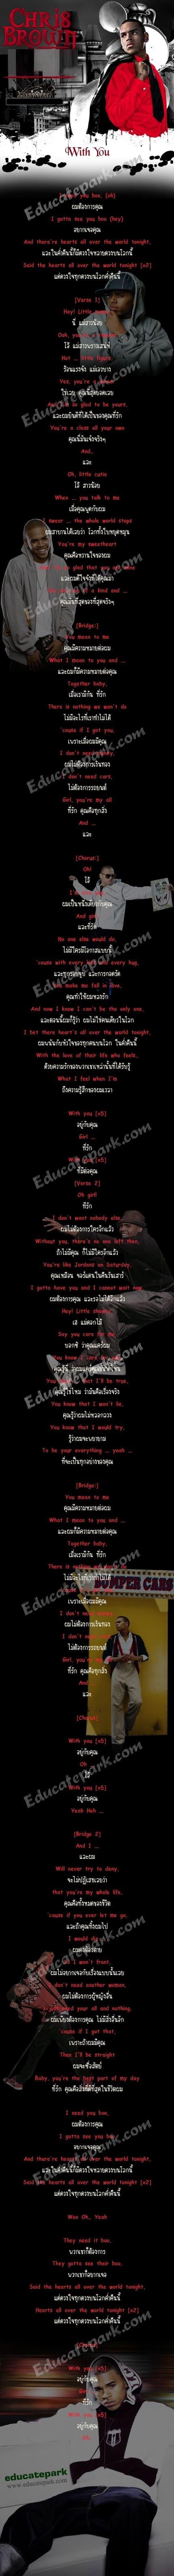 แปลเพลง With You - Chris Brown